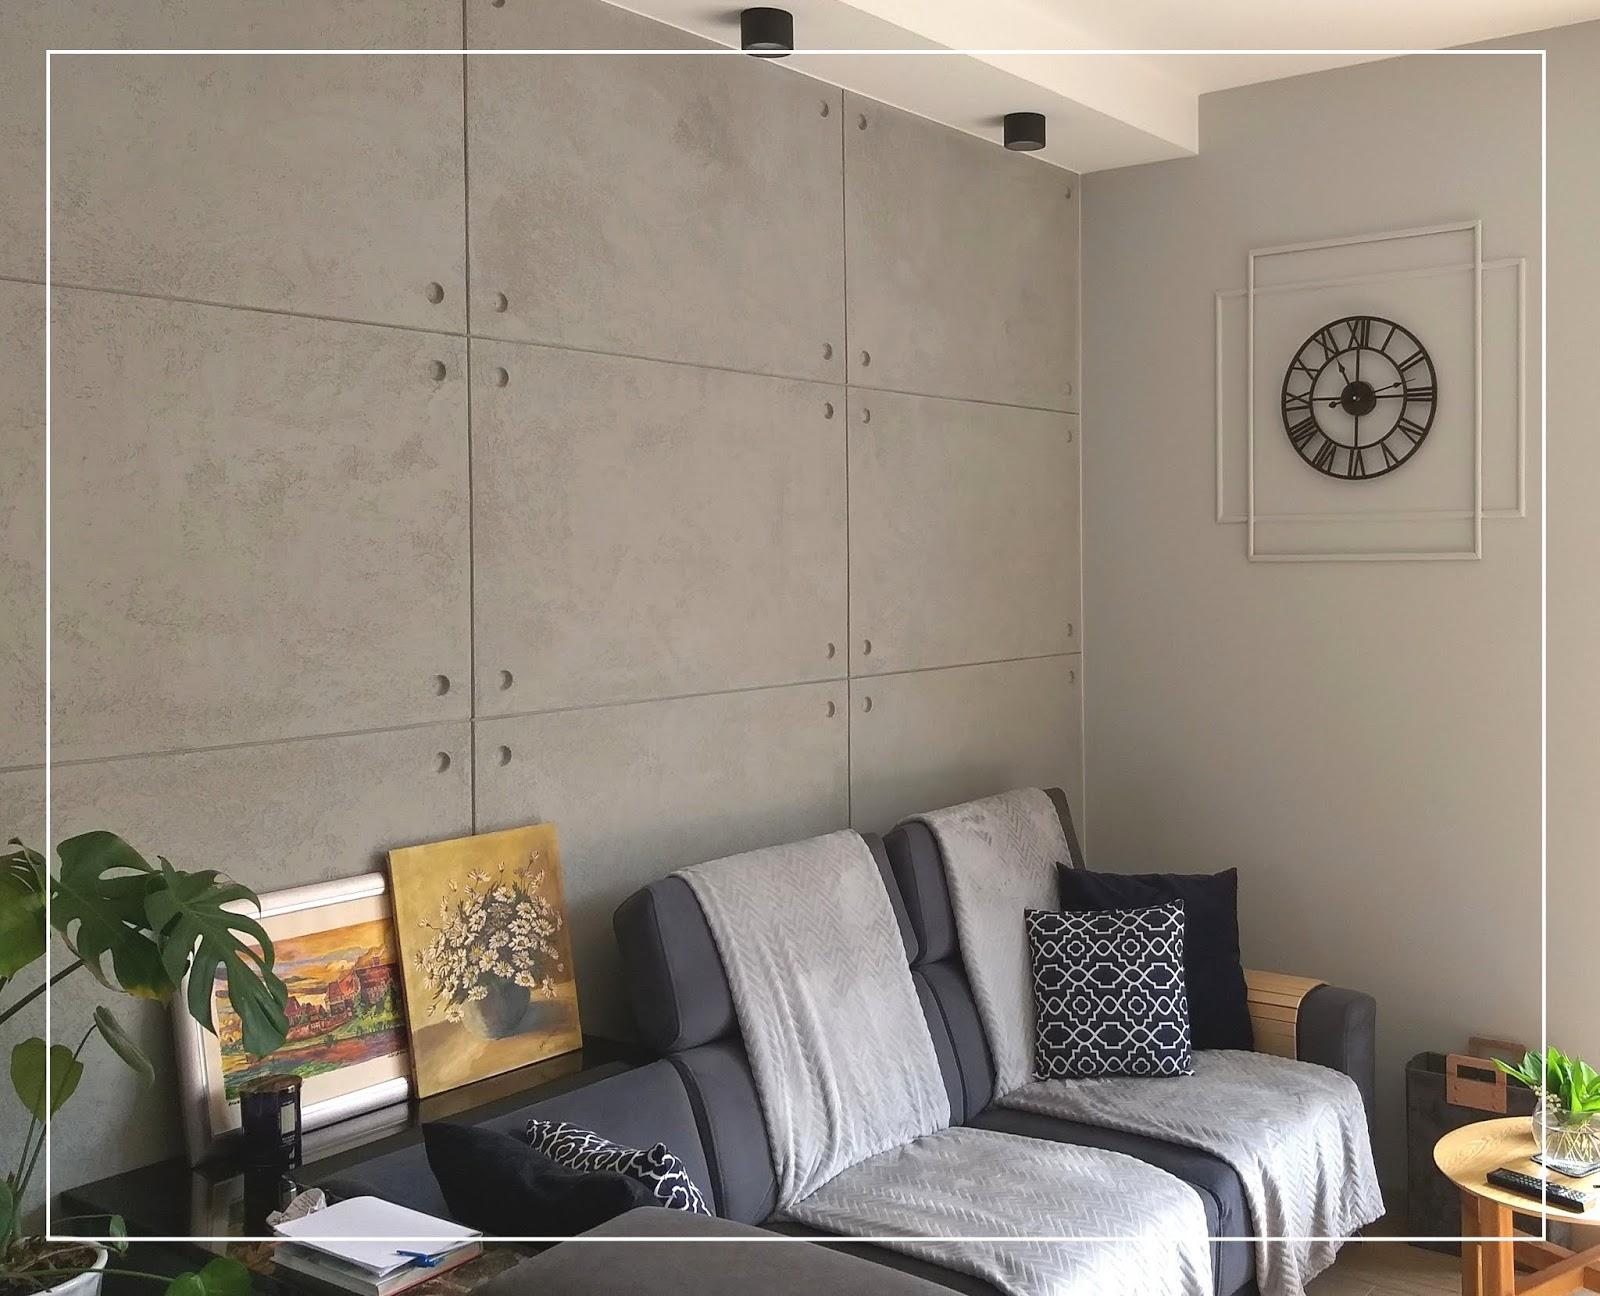 Aranżacja ściany w salonie. Dekoracyjne DIY - zrób to sam.